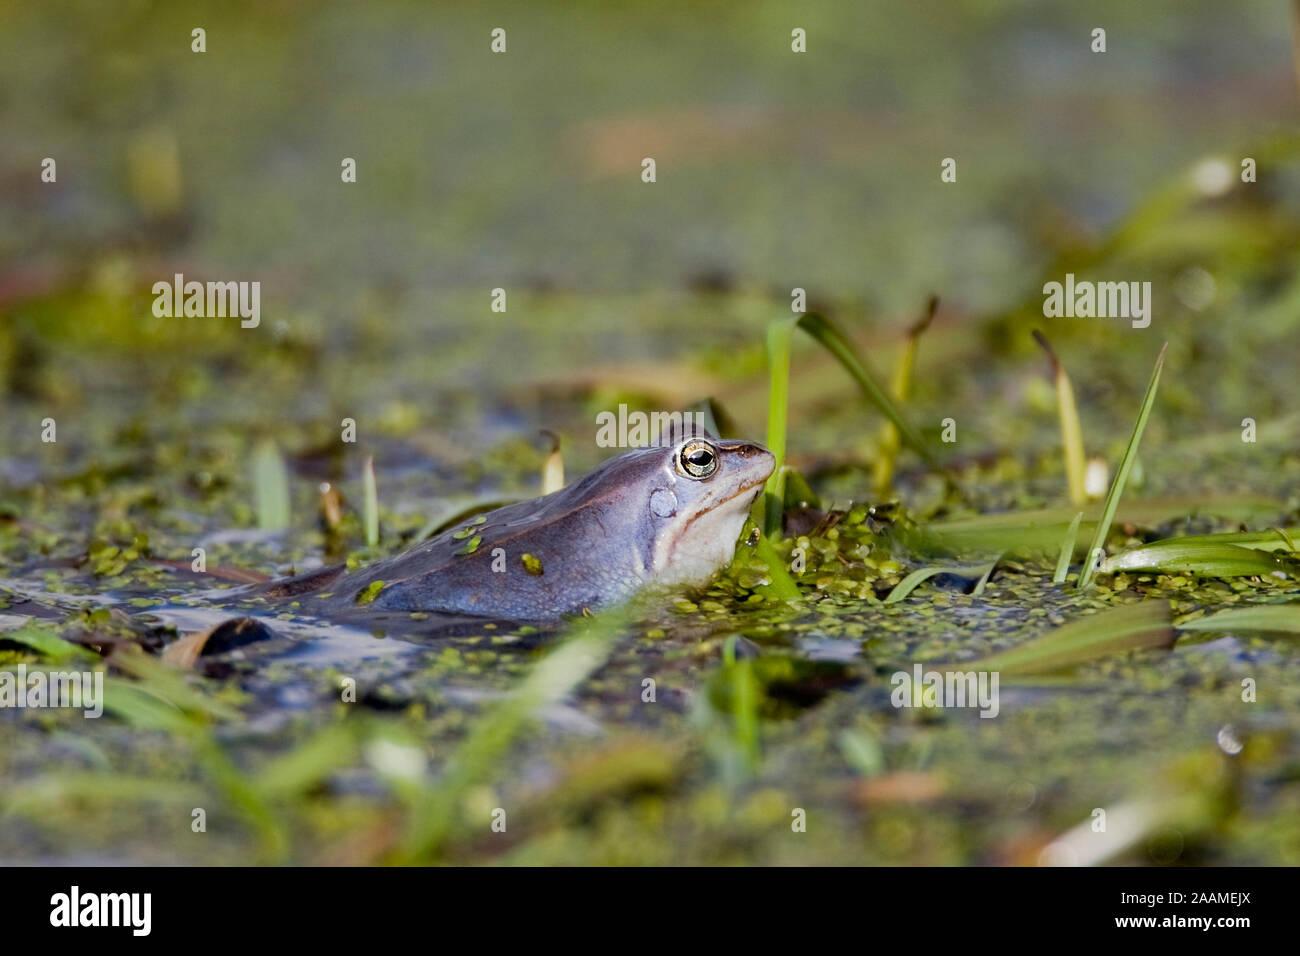 Moorfrosch bei der Paarung - Moor Frog Stock Photo